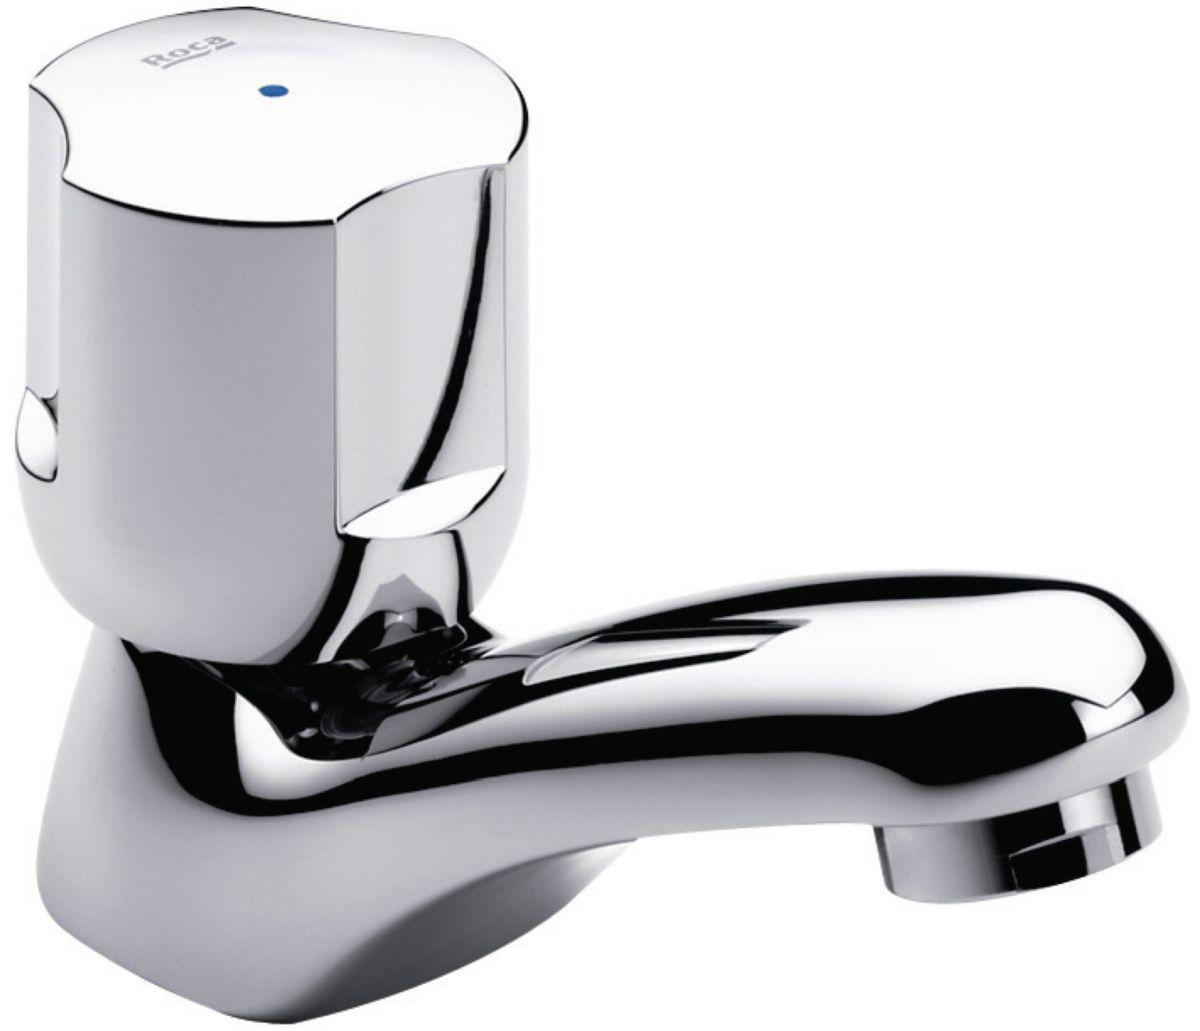 Blanc camellia/® A2744 Extension de robinet de cuisine /à la maison Prolongement de long tuyau Robinet de douche en mousse r/étractable portable durable